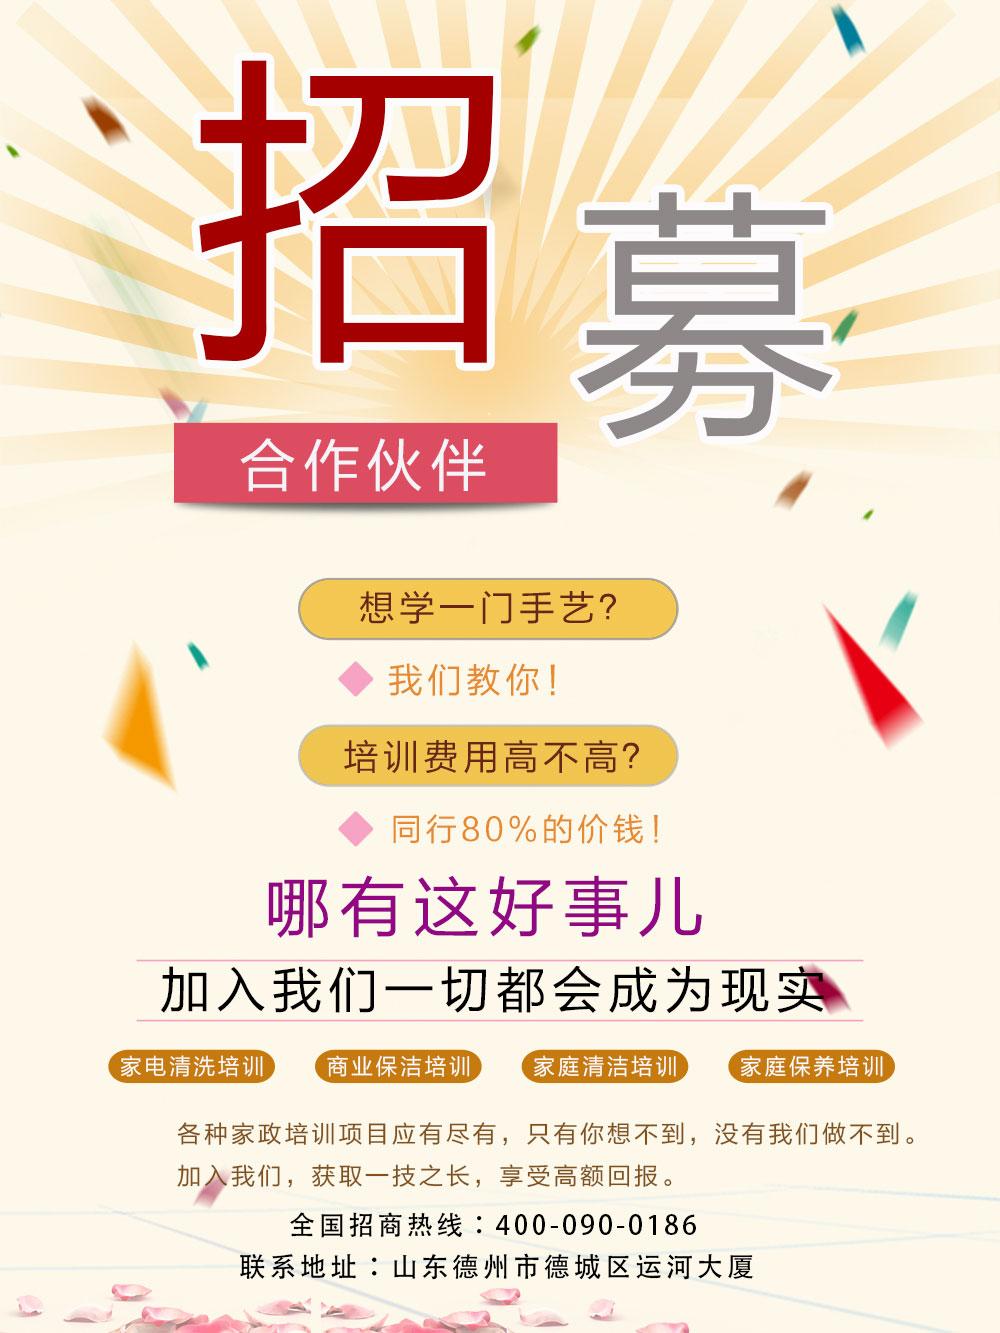 山东万博最新app新万博竞彩app苹果下载万博彩票官网登录加盟招商